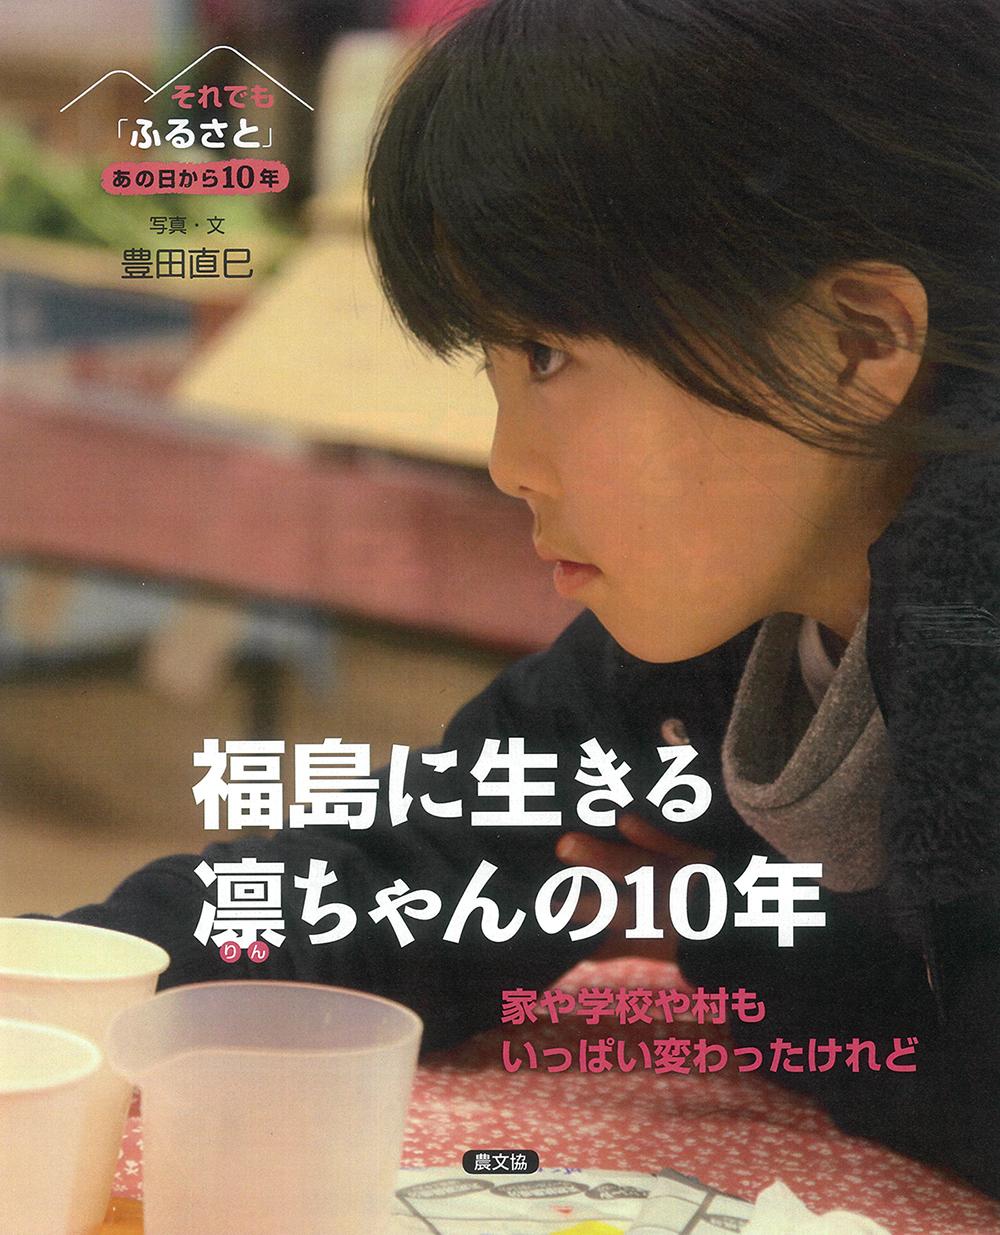 福島に生きる凛(りん)ちゃんの10年